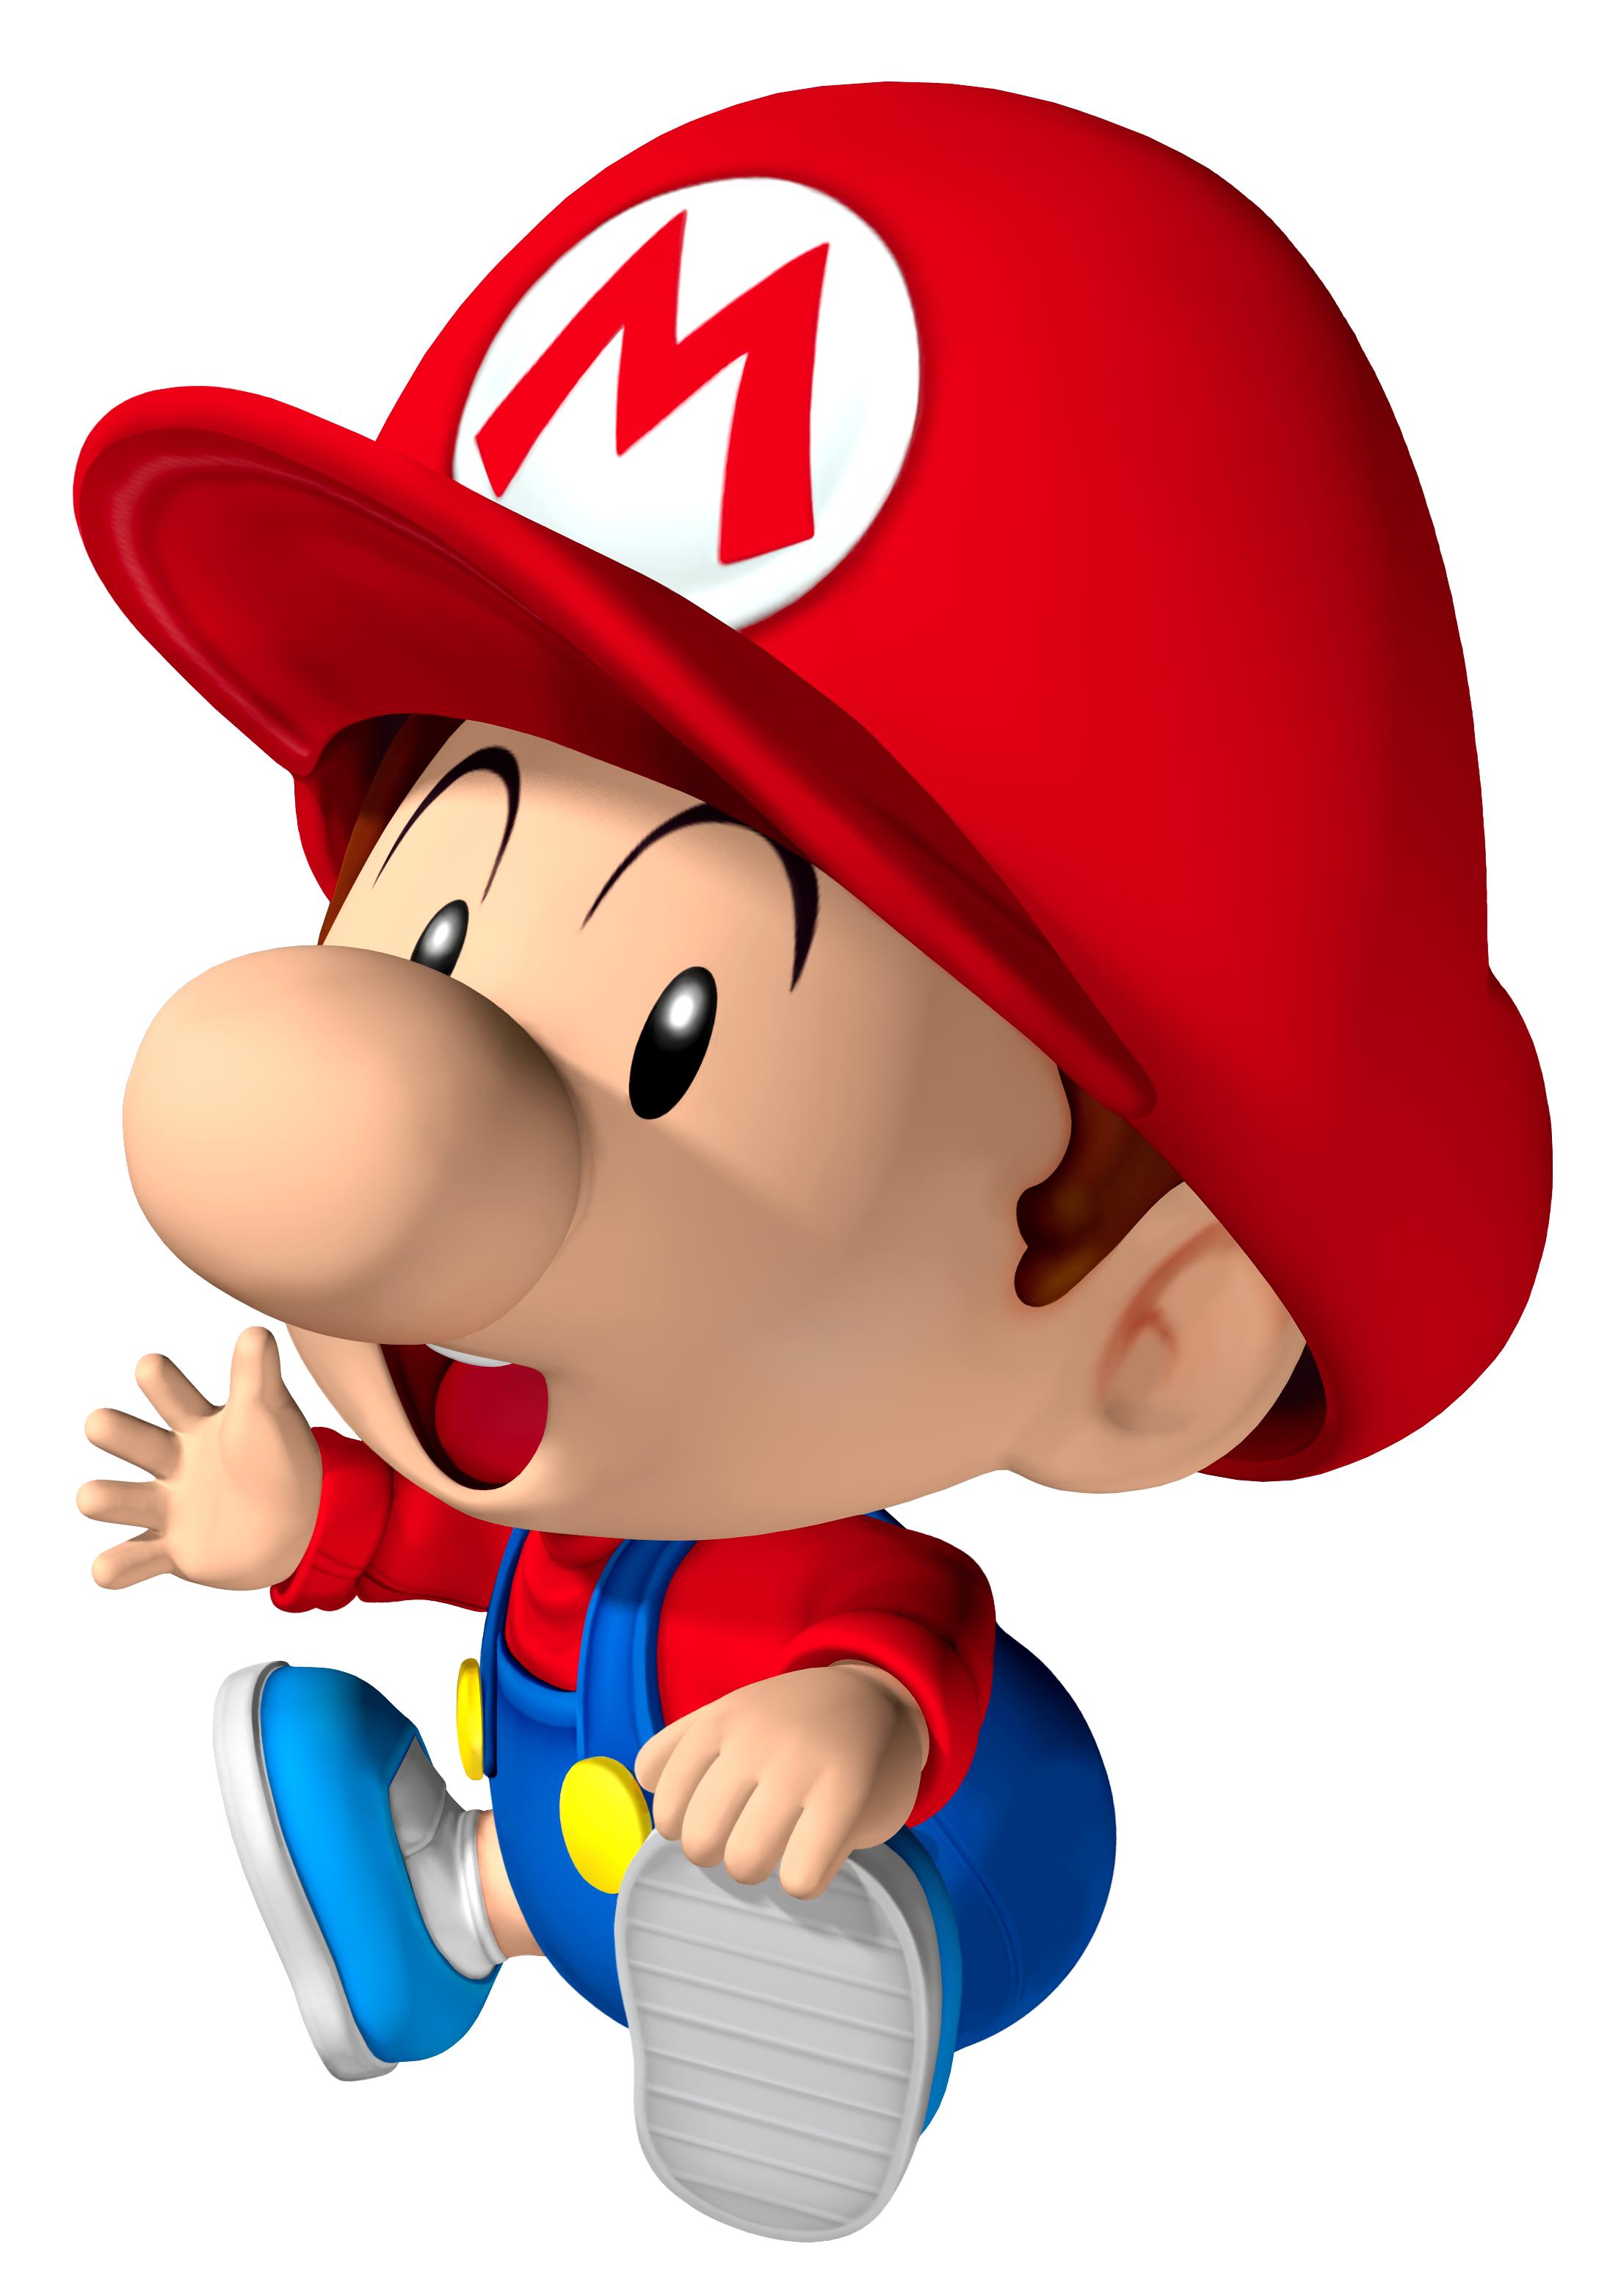 sitting baby mariopng - Bebe Mario